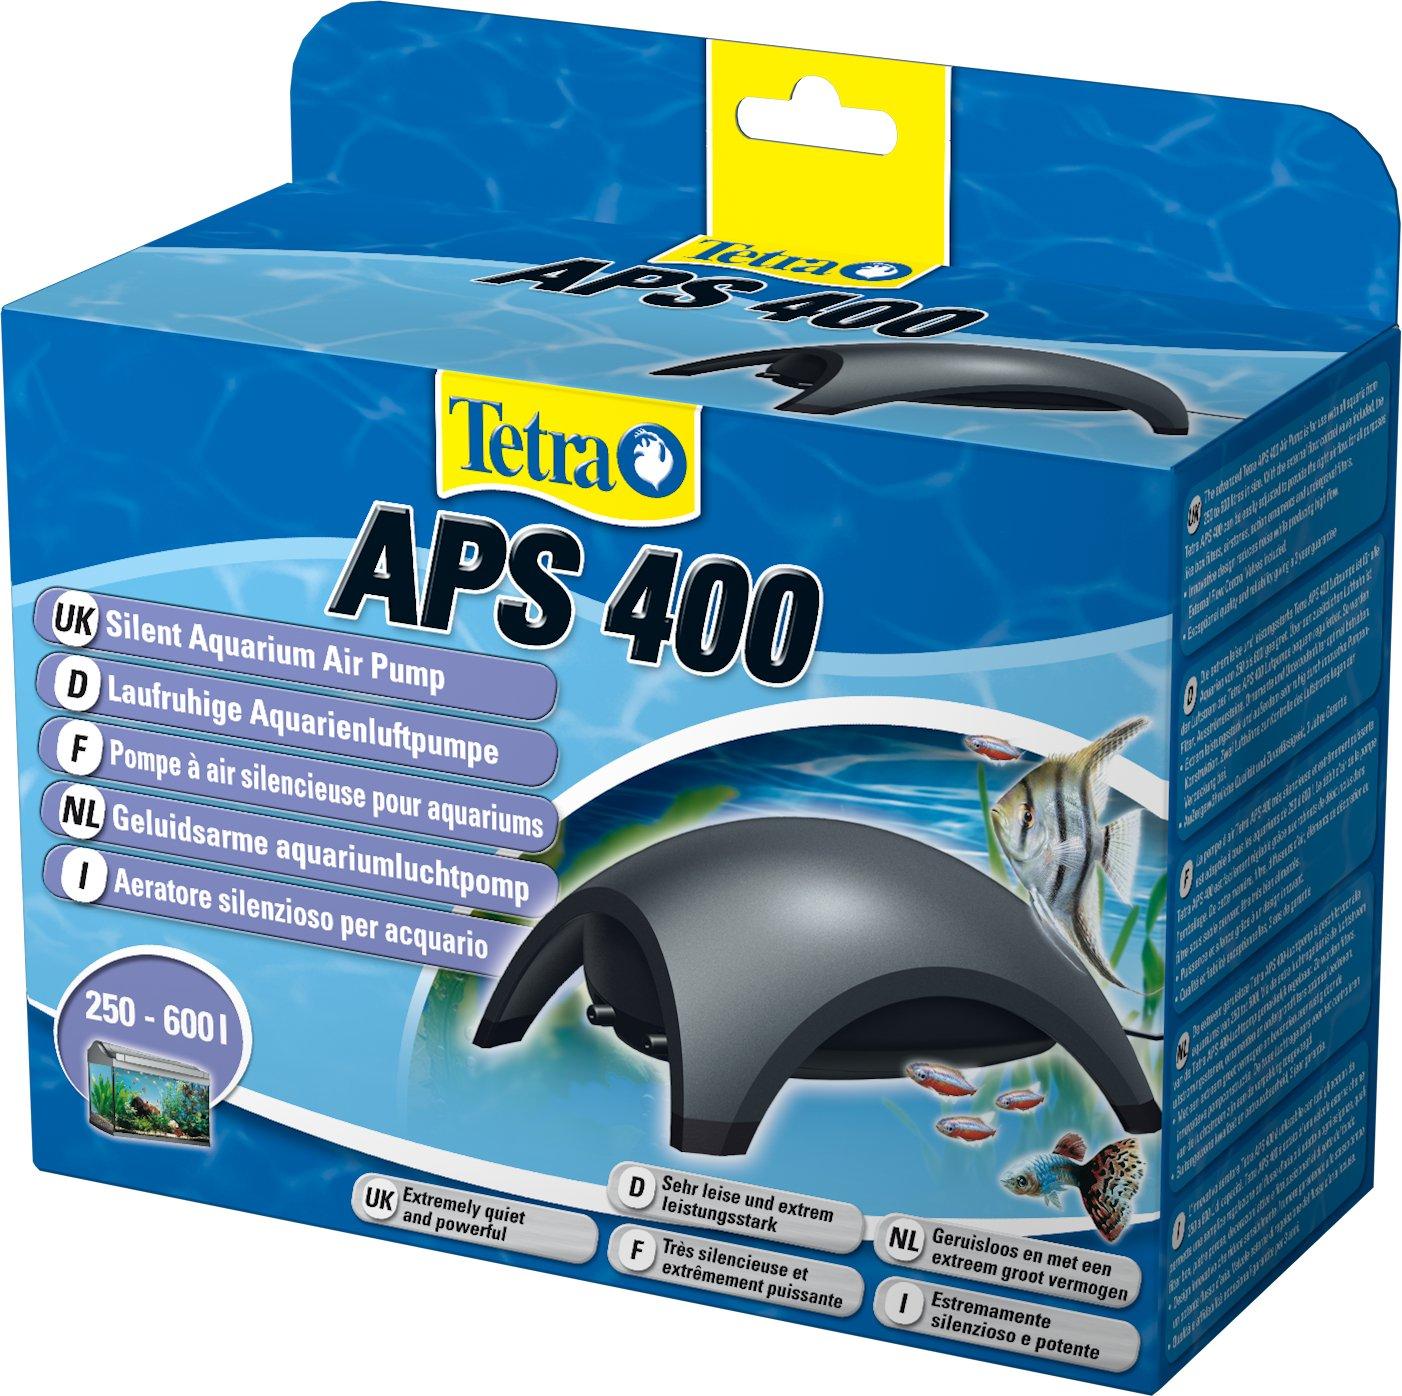 Shop TetraTec APS 400